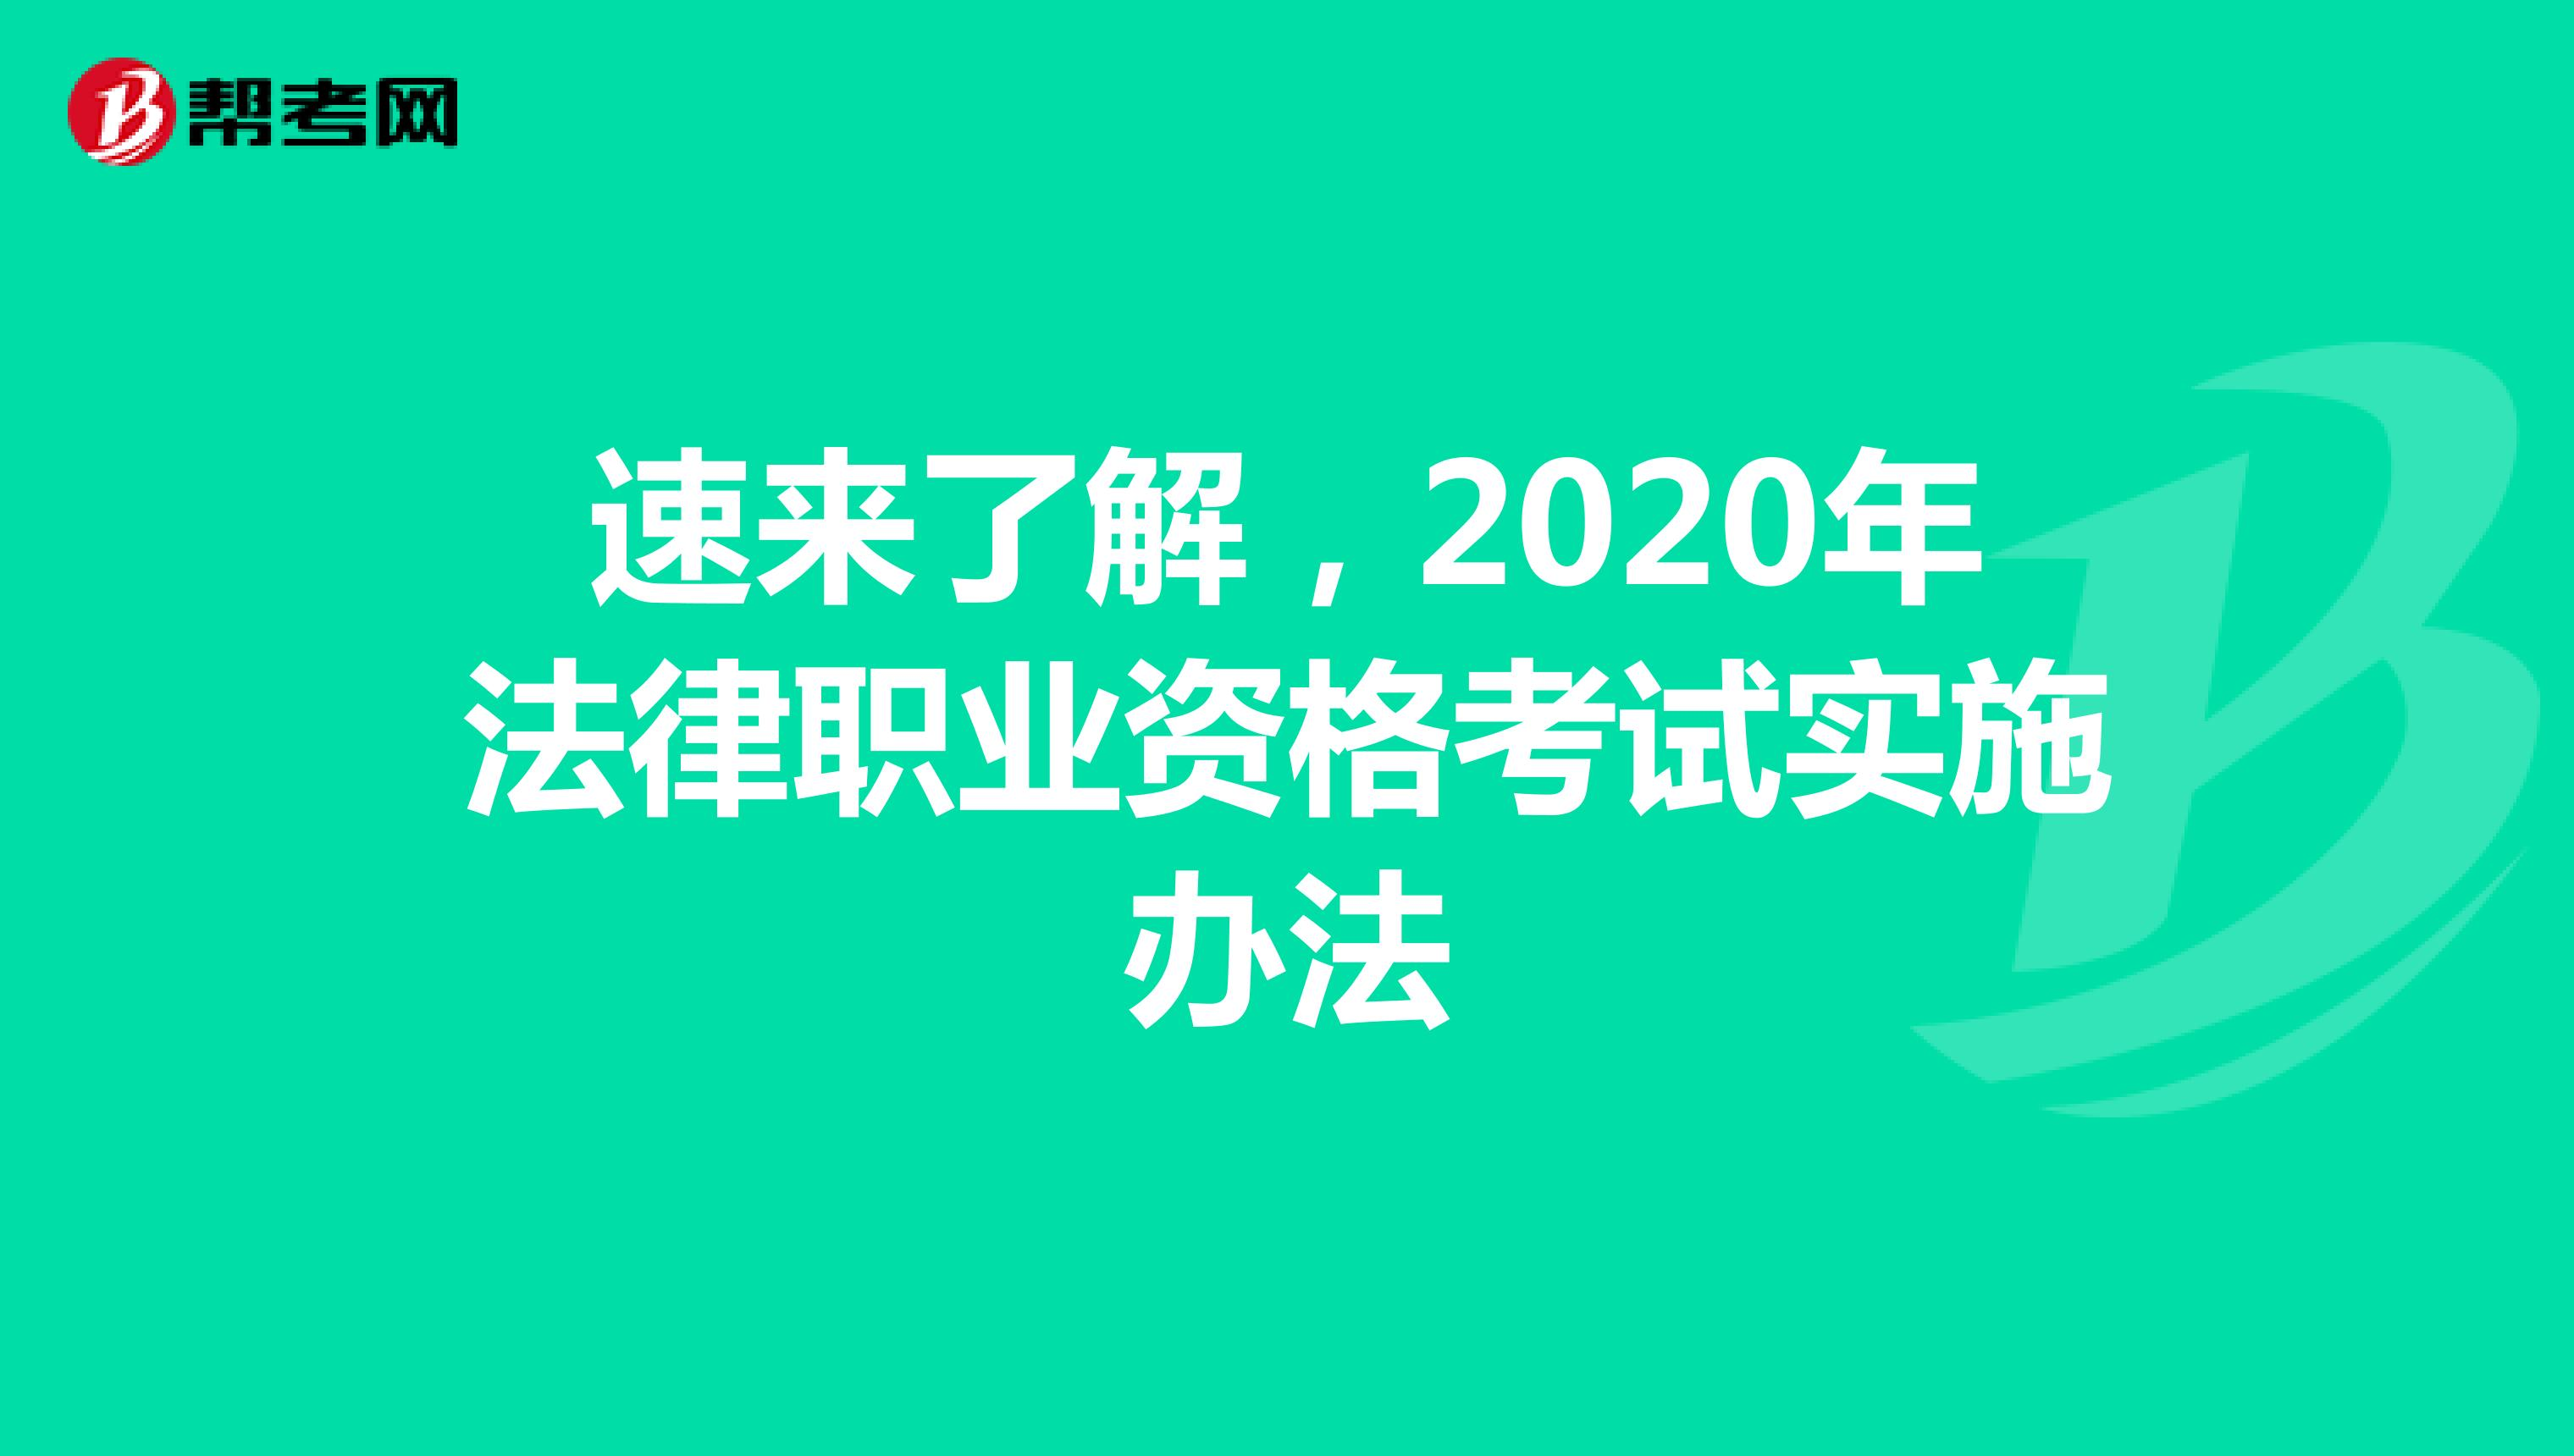 速來了解,2020年法律職業資格考試實施辦法